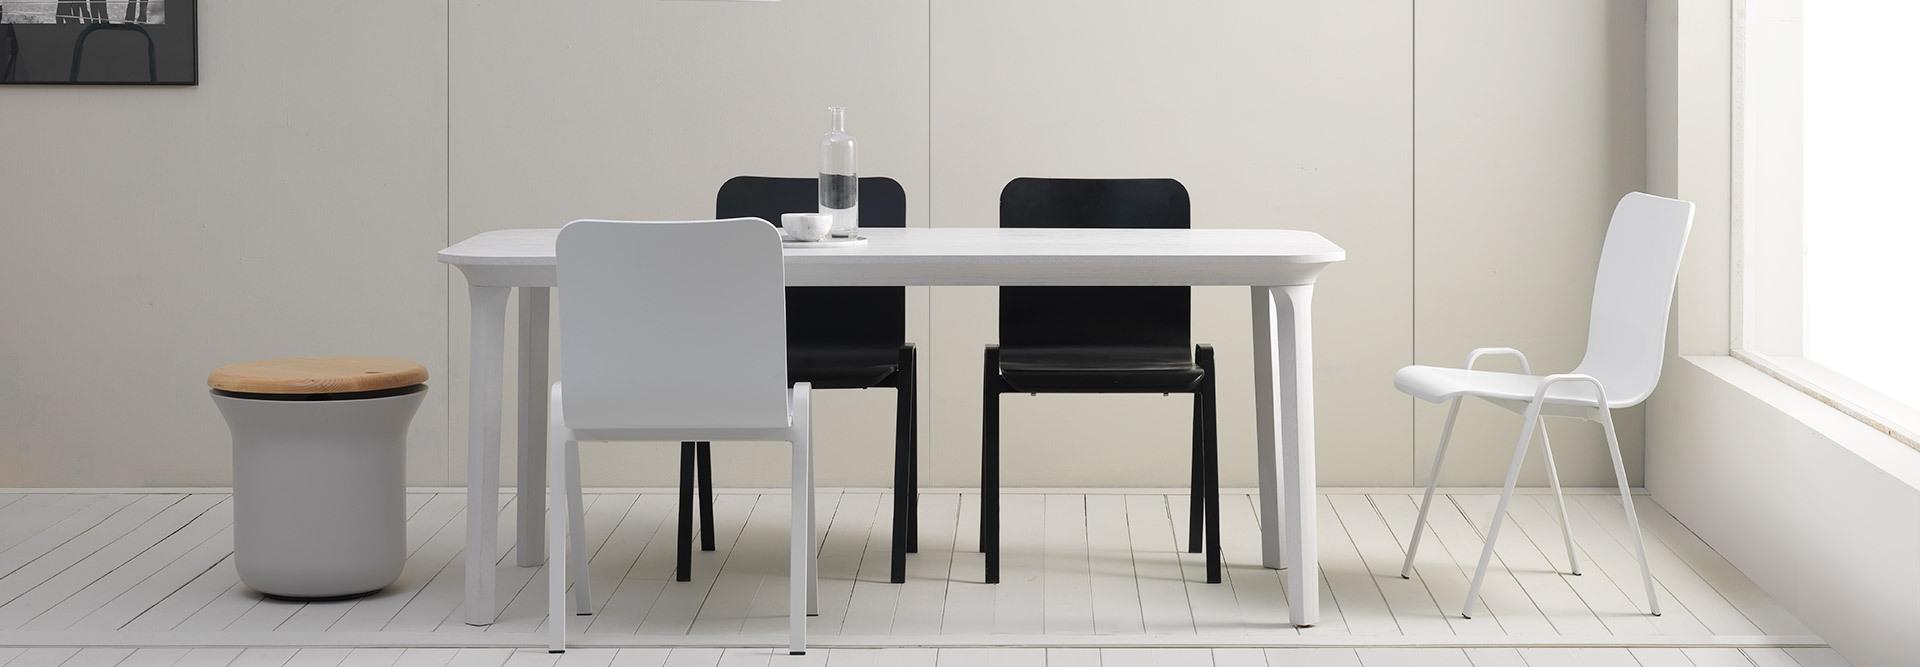 东方飞檐的现代日常,深埋细节的摩登长桌